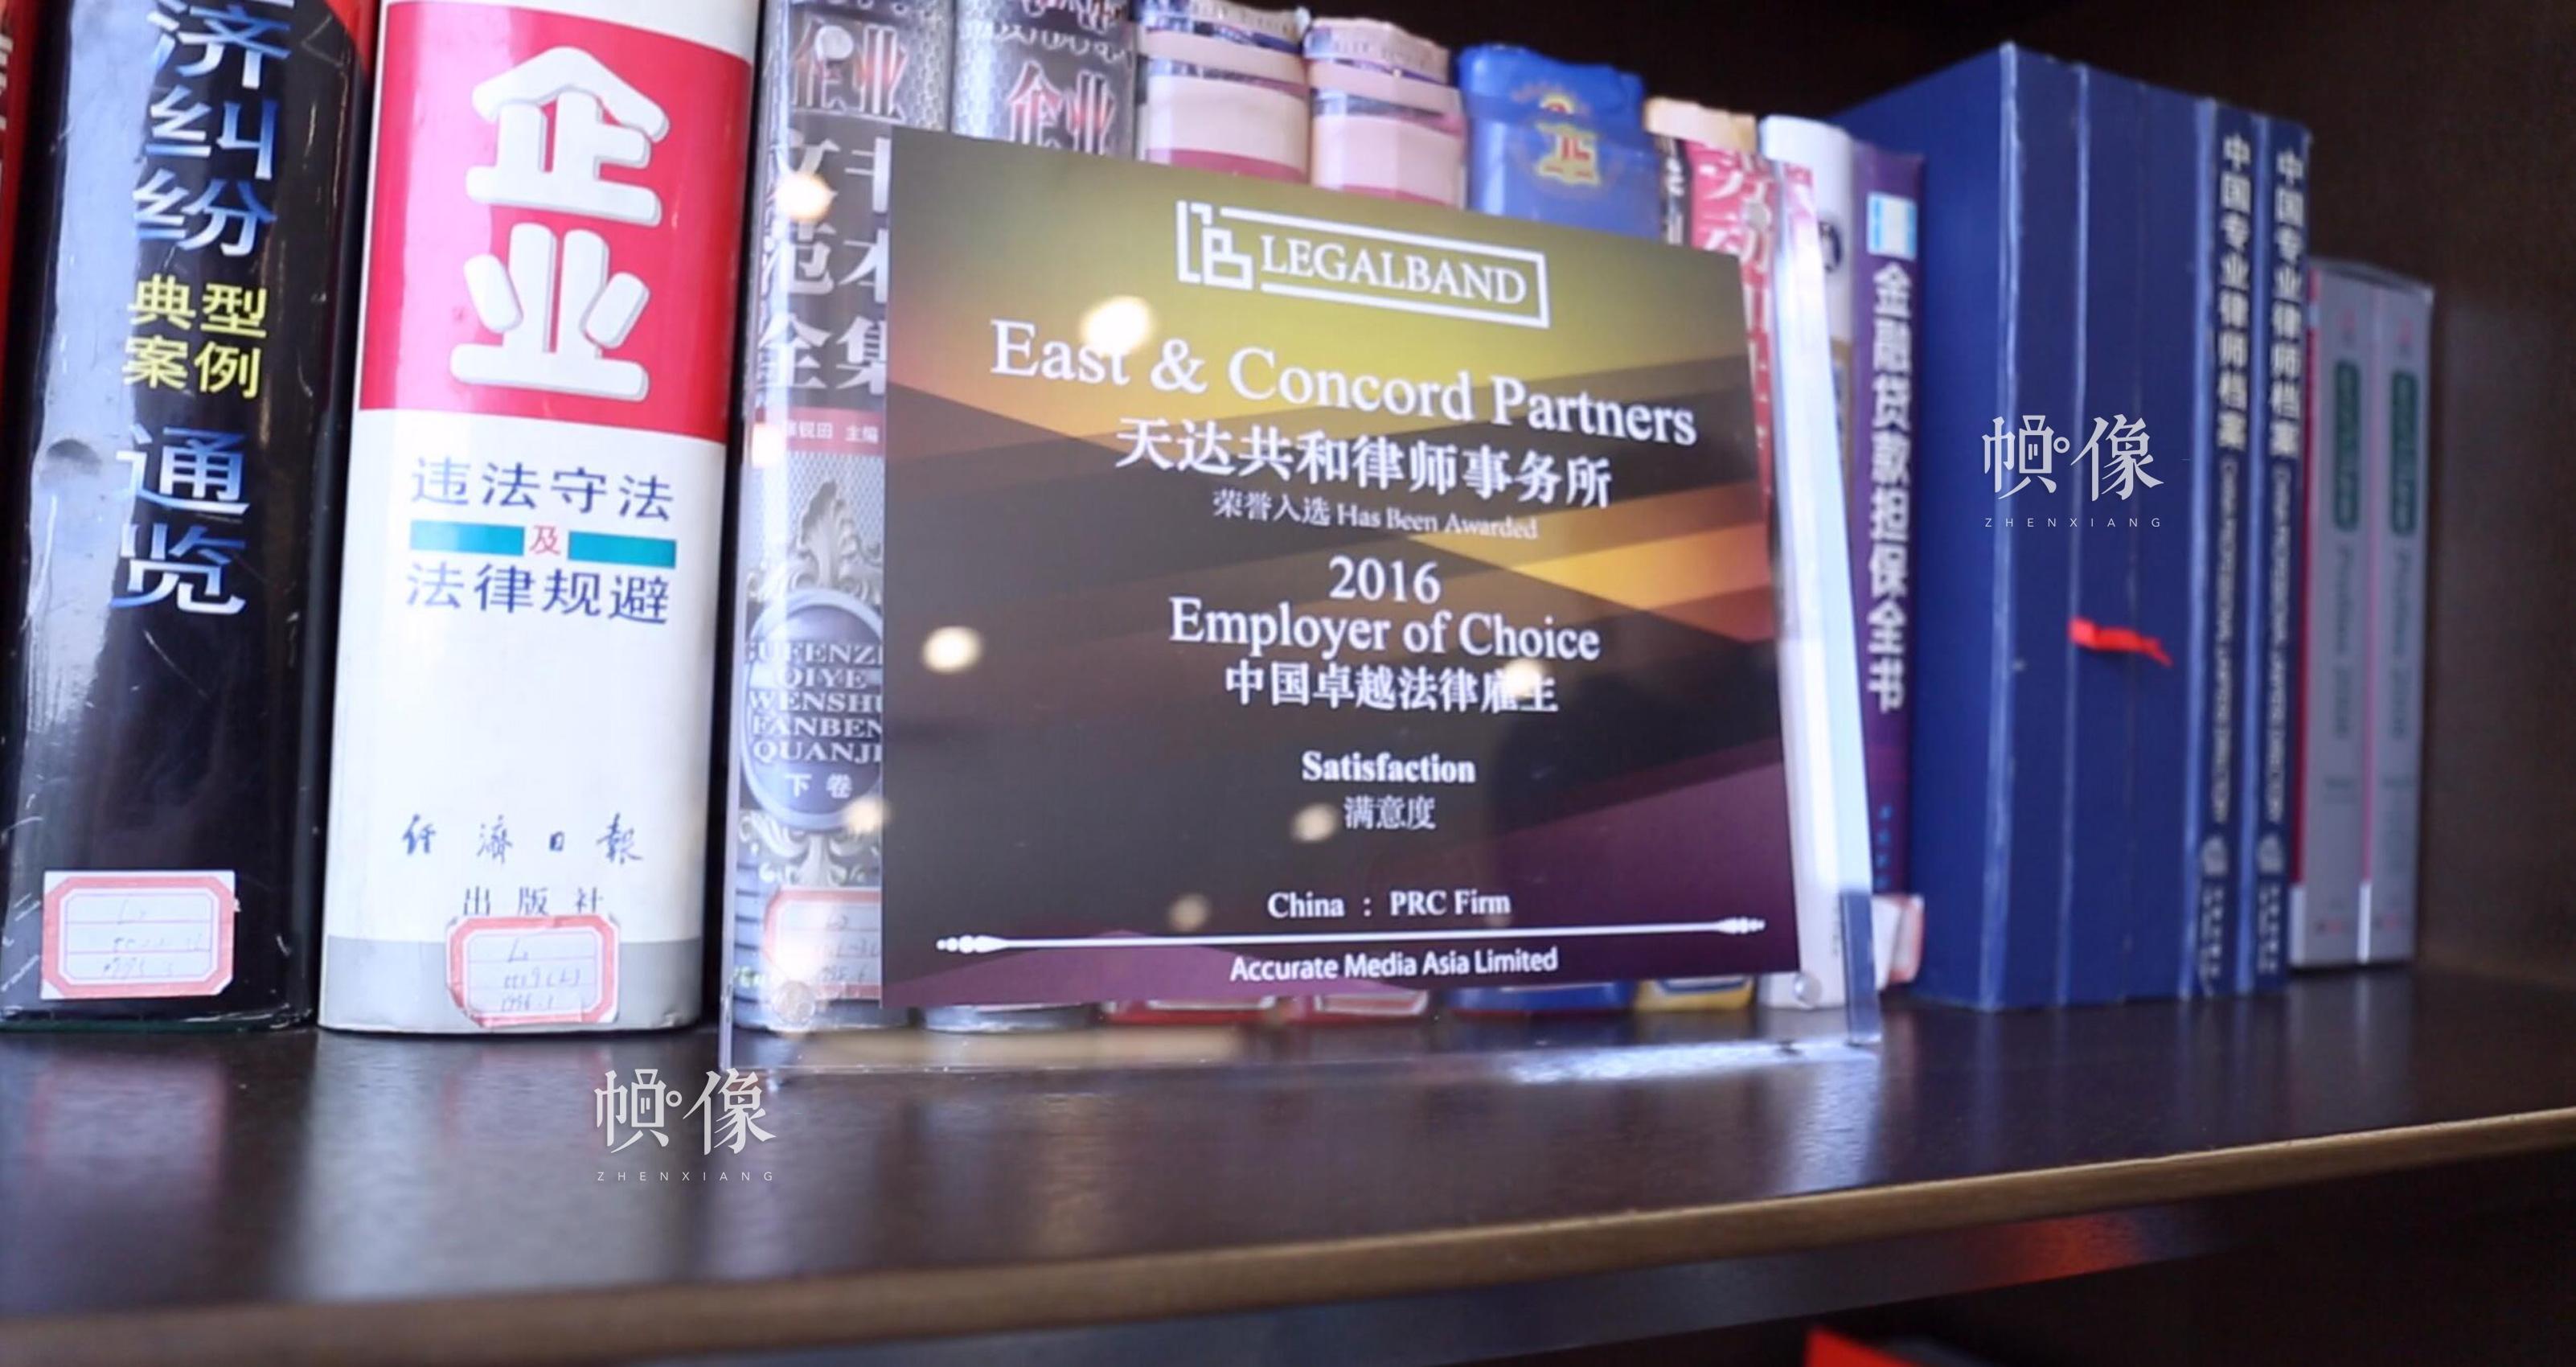 图为北京天达共和律师事务所荣誉室一角。 中国网记者 赵超 摄